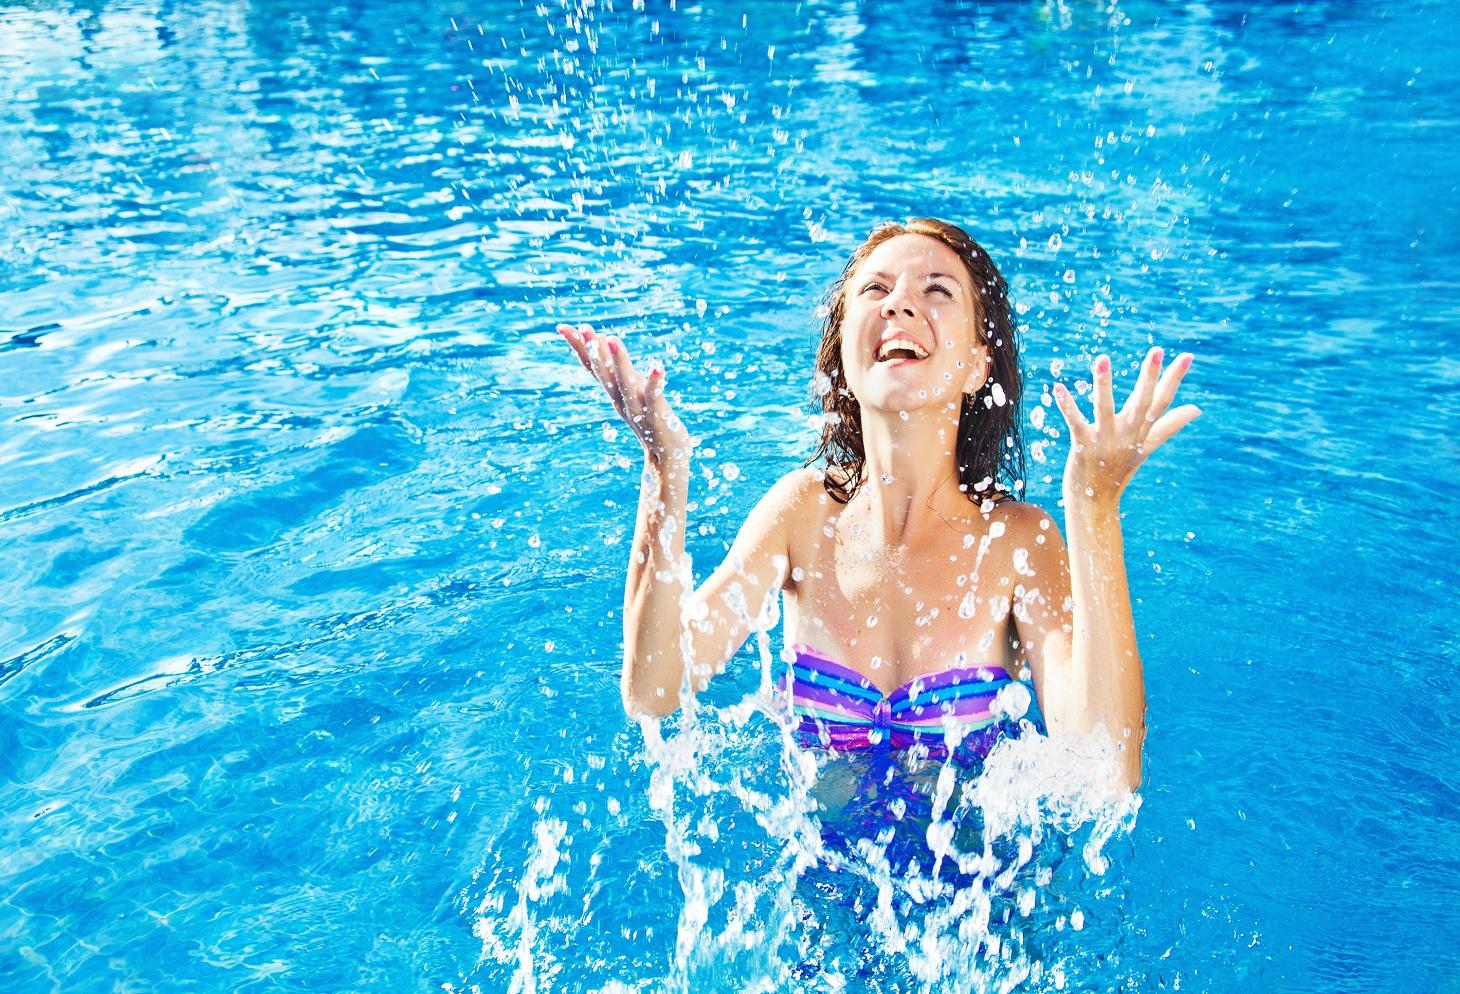 Заниматься плаванием можно похудеть